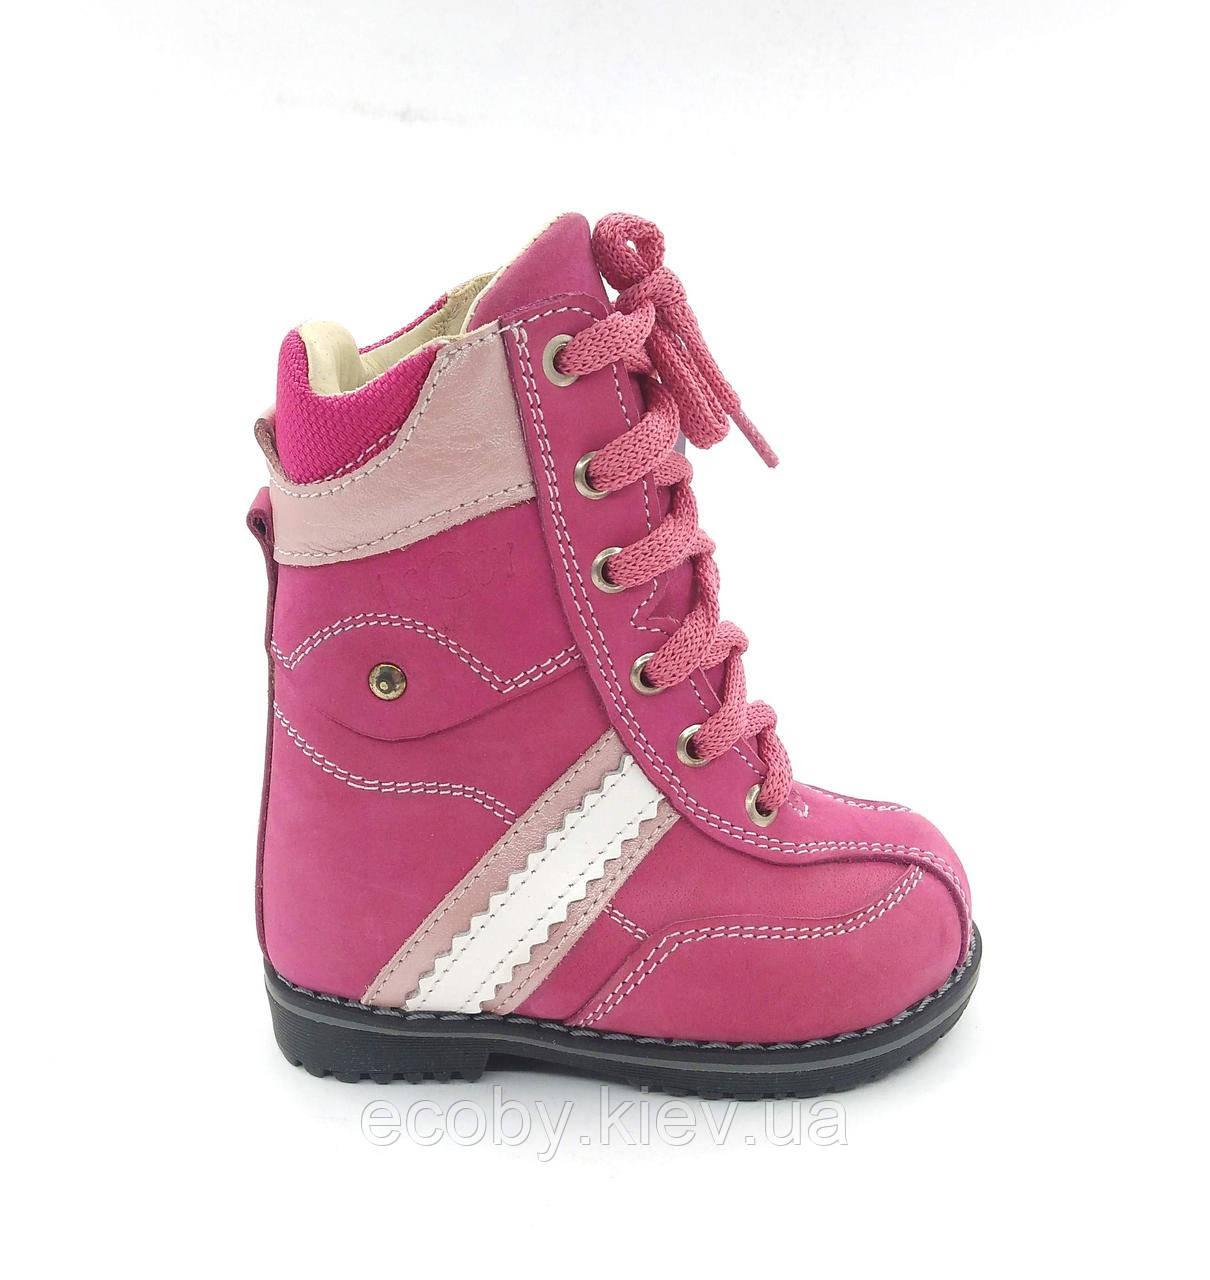 Зимові ортопедичні черевики Ecoby р. 22 - 14.5см